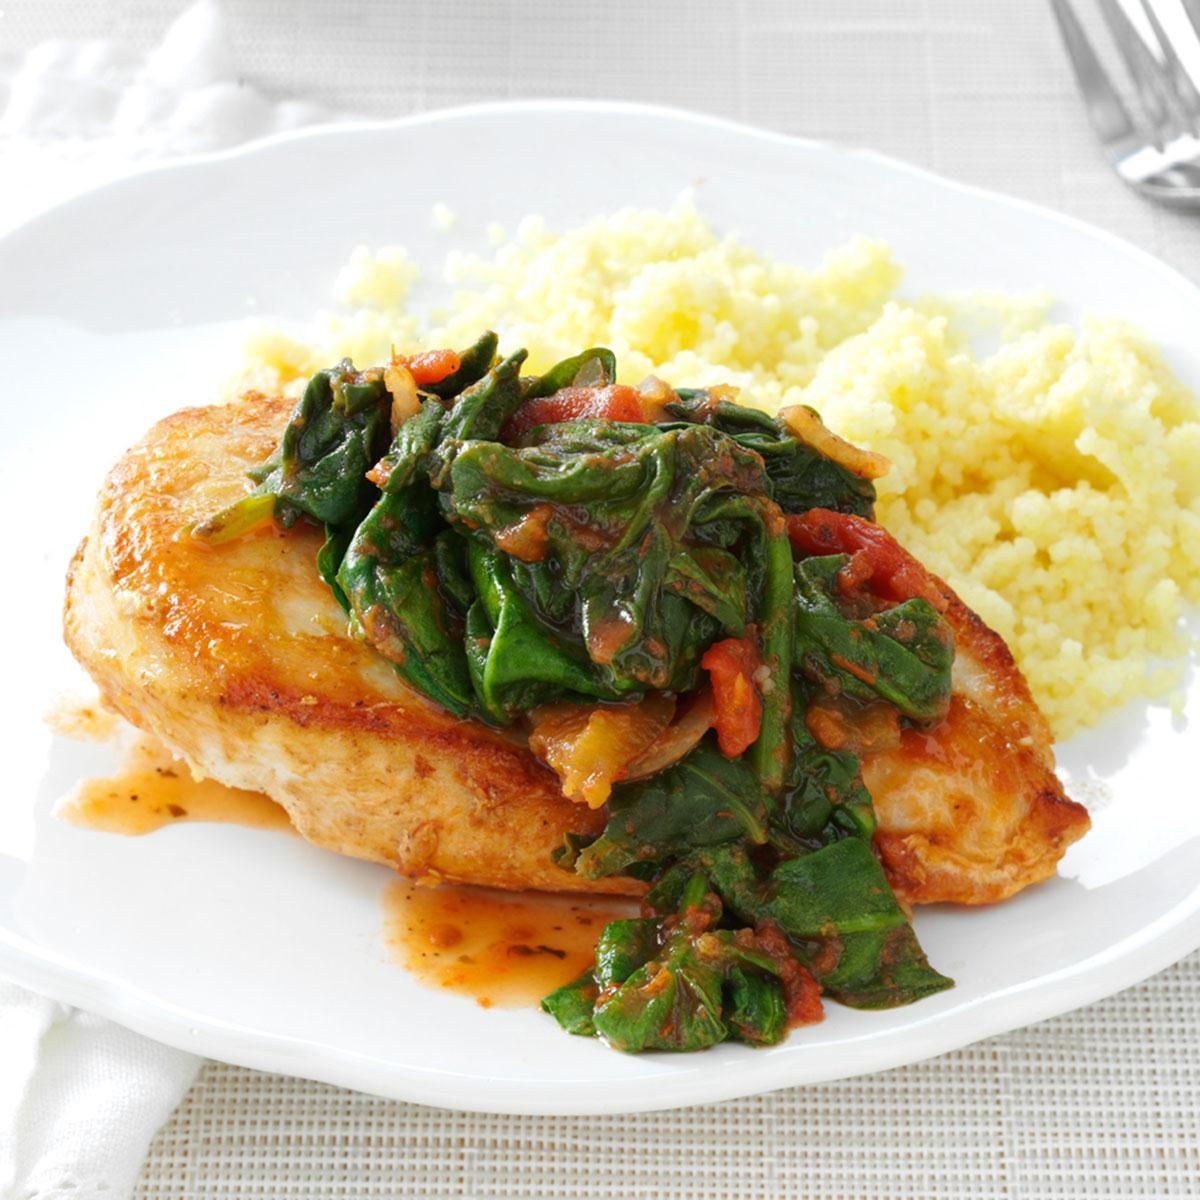 Day 26: In-a-Pinch Chicken & Spinach